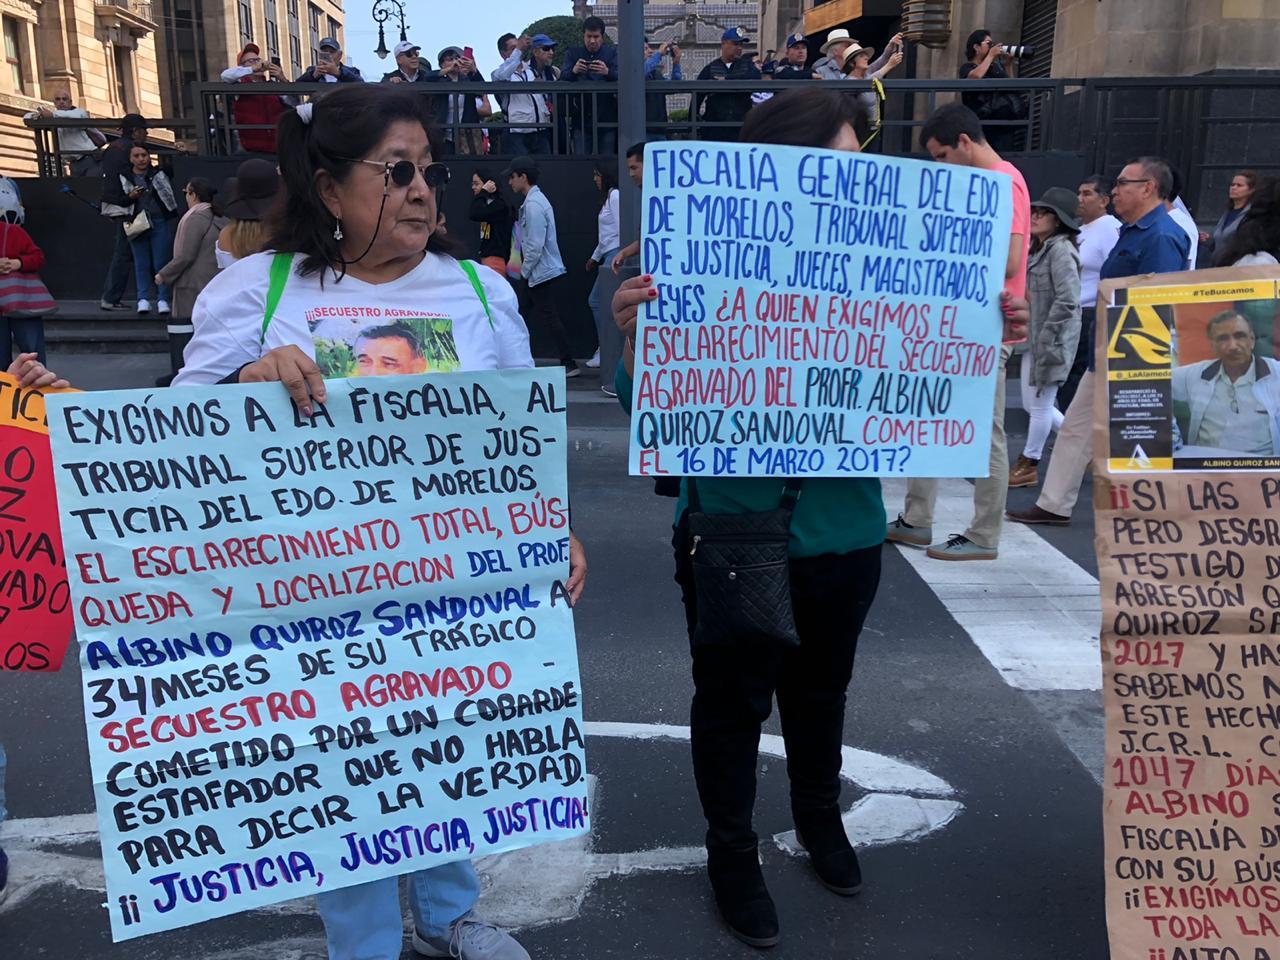 En imágenes: Así se vive la Caminata por la Verdad, Justicia y Paz en CDMX